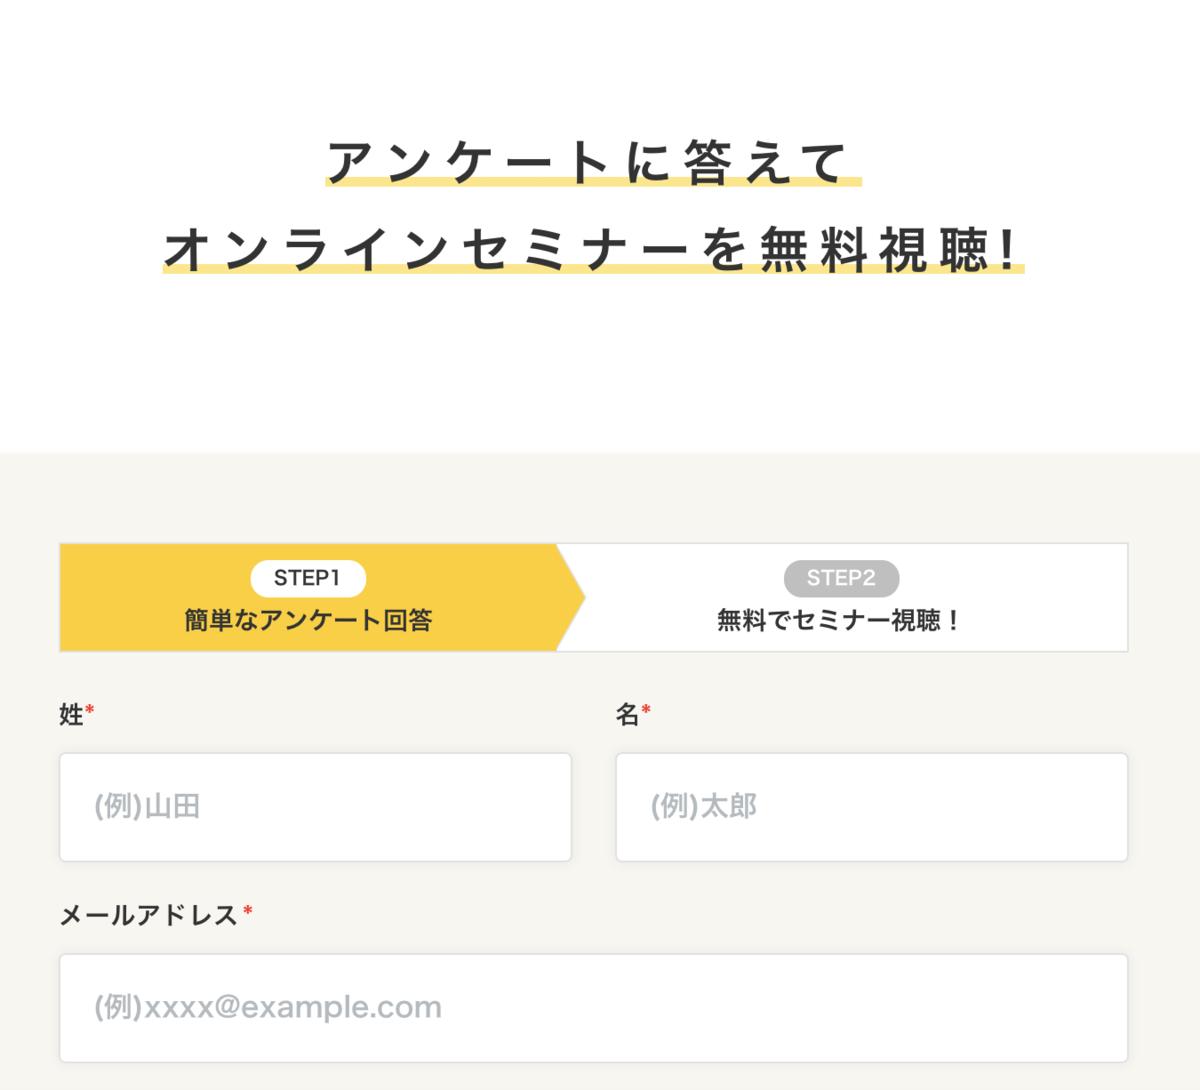 f:id:Mizutakooo:20200603175050p:plain